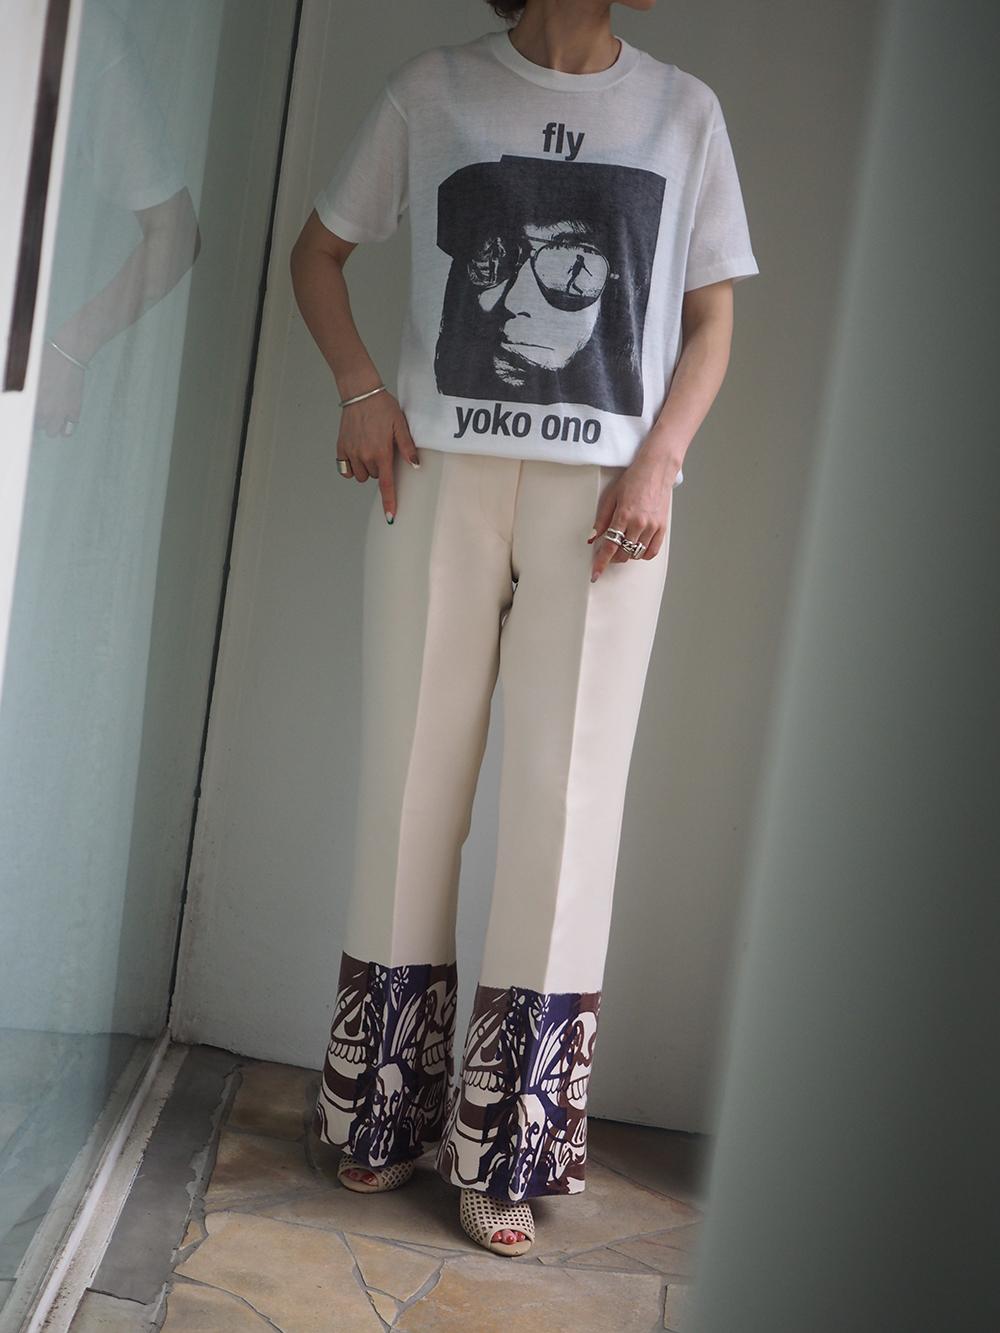 1970s Yoko Ono, fly T-shirt